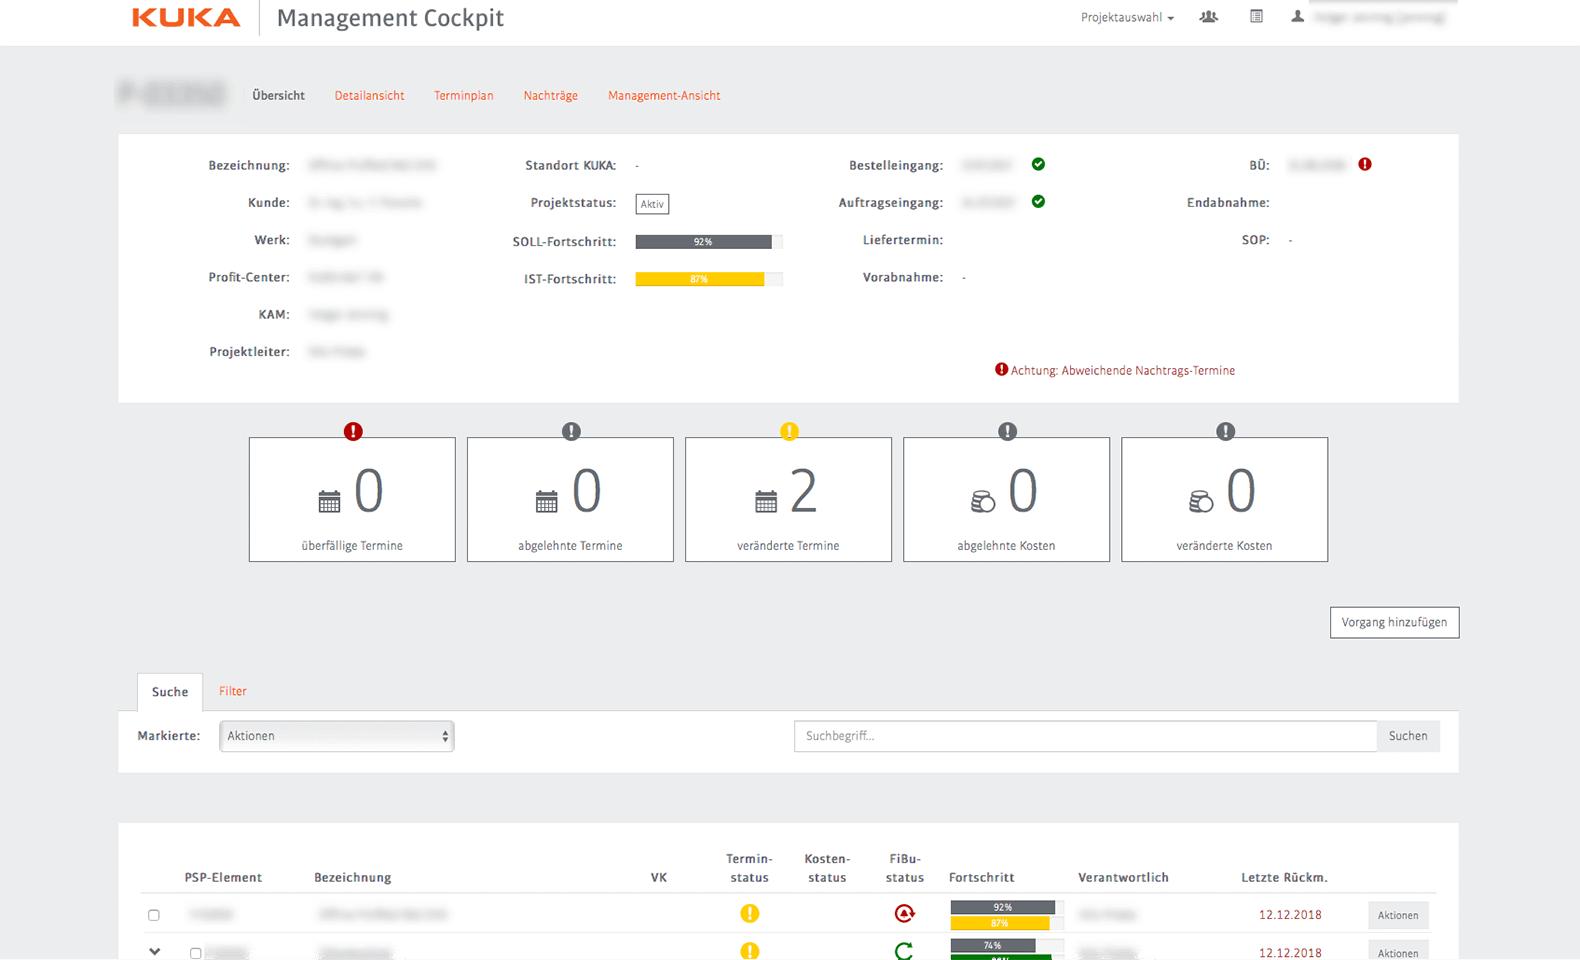 KUKA - Management Cockpit - Detailübersicht eines Projekts